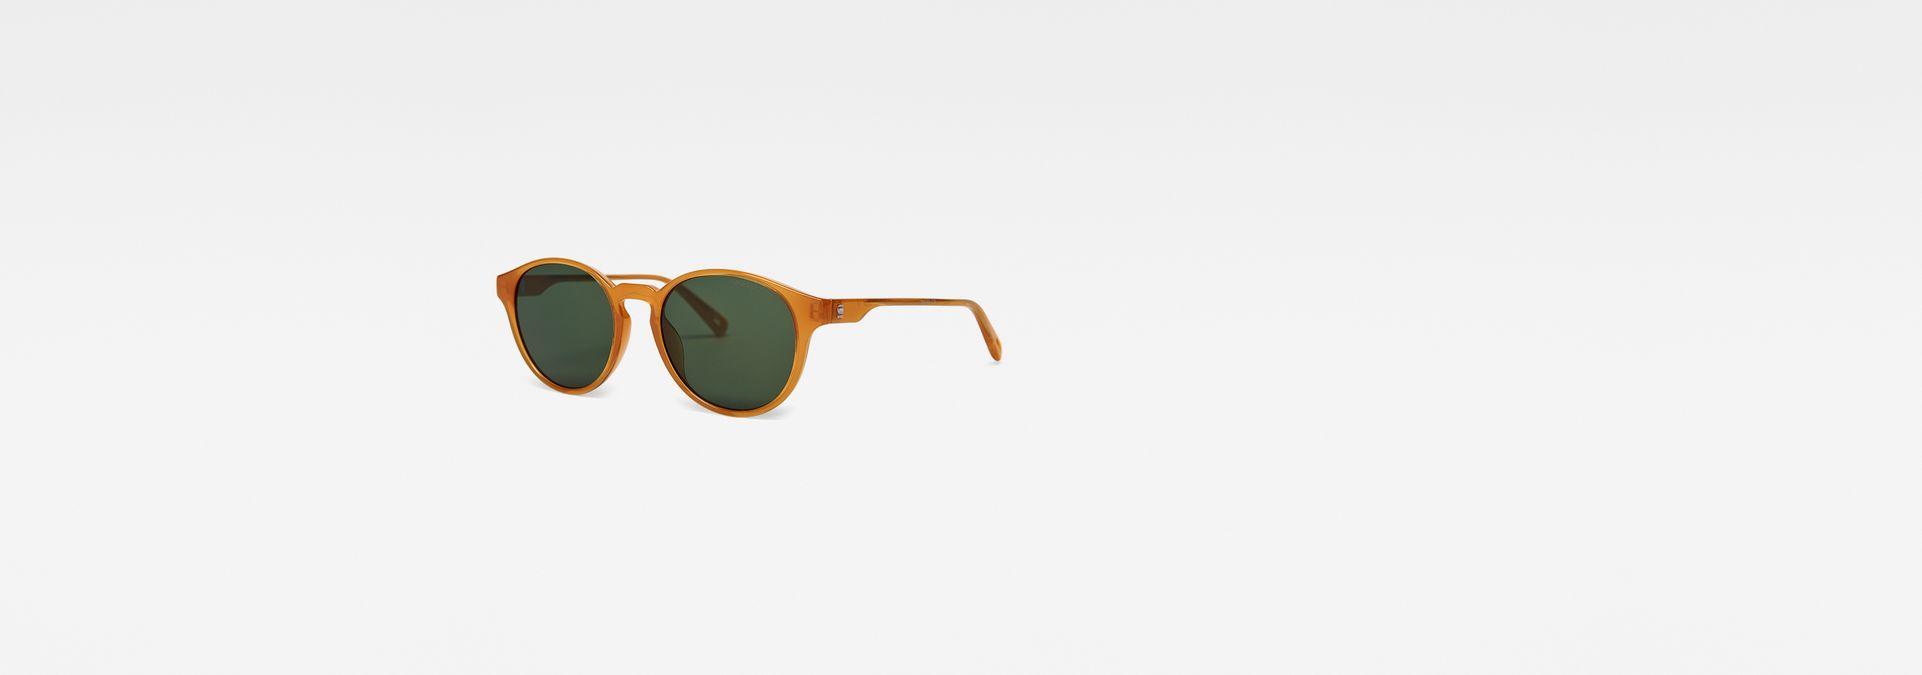 baf4febf72 ... G-Star RAW® GSRD Stormer Sunglasses Orange ...